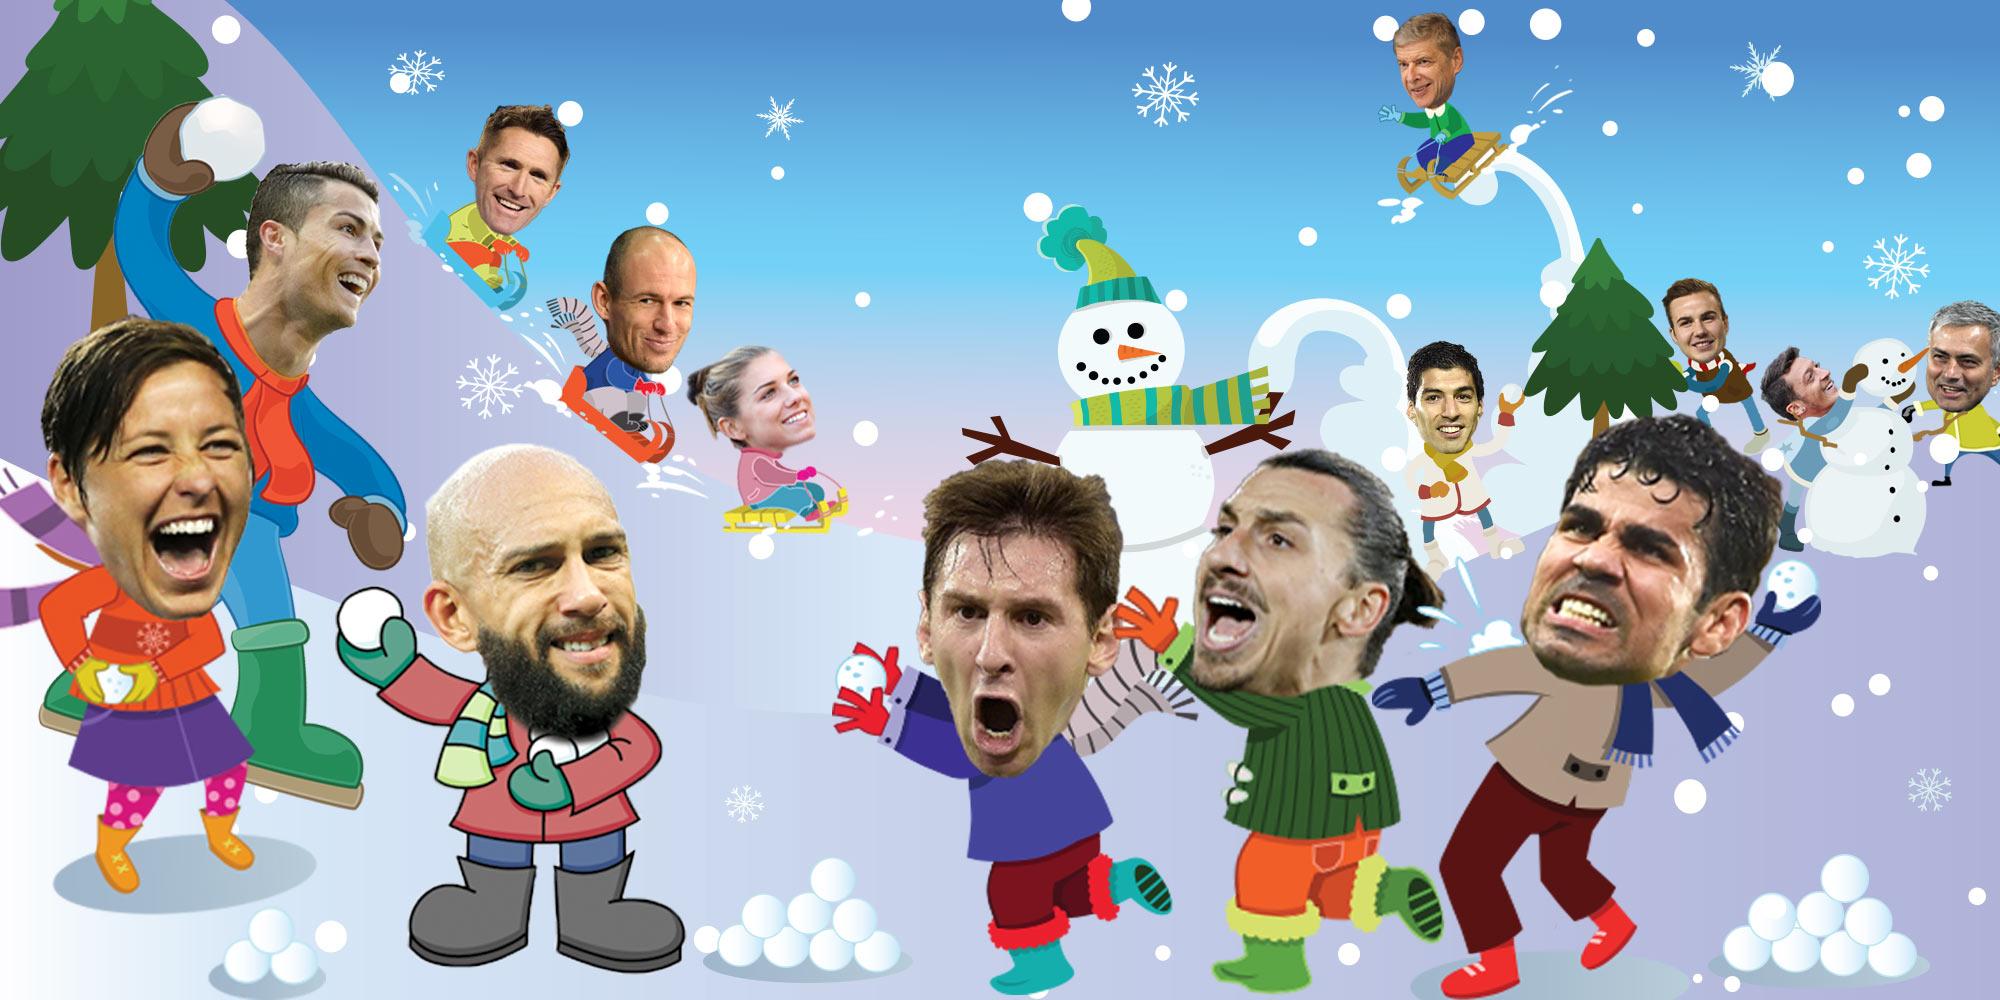 122414-Soccer-Snowball-fight-2-ssm.jpg